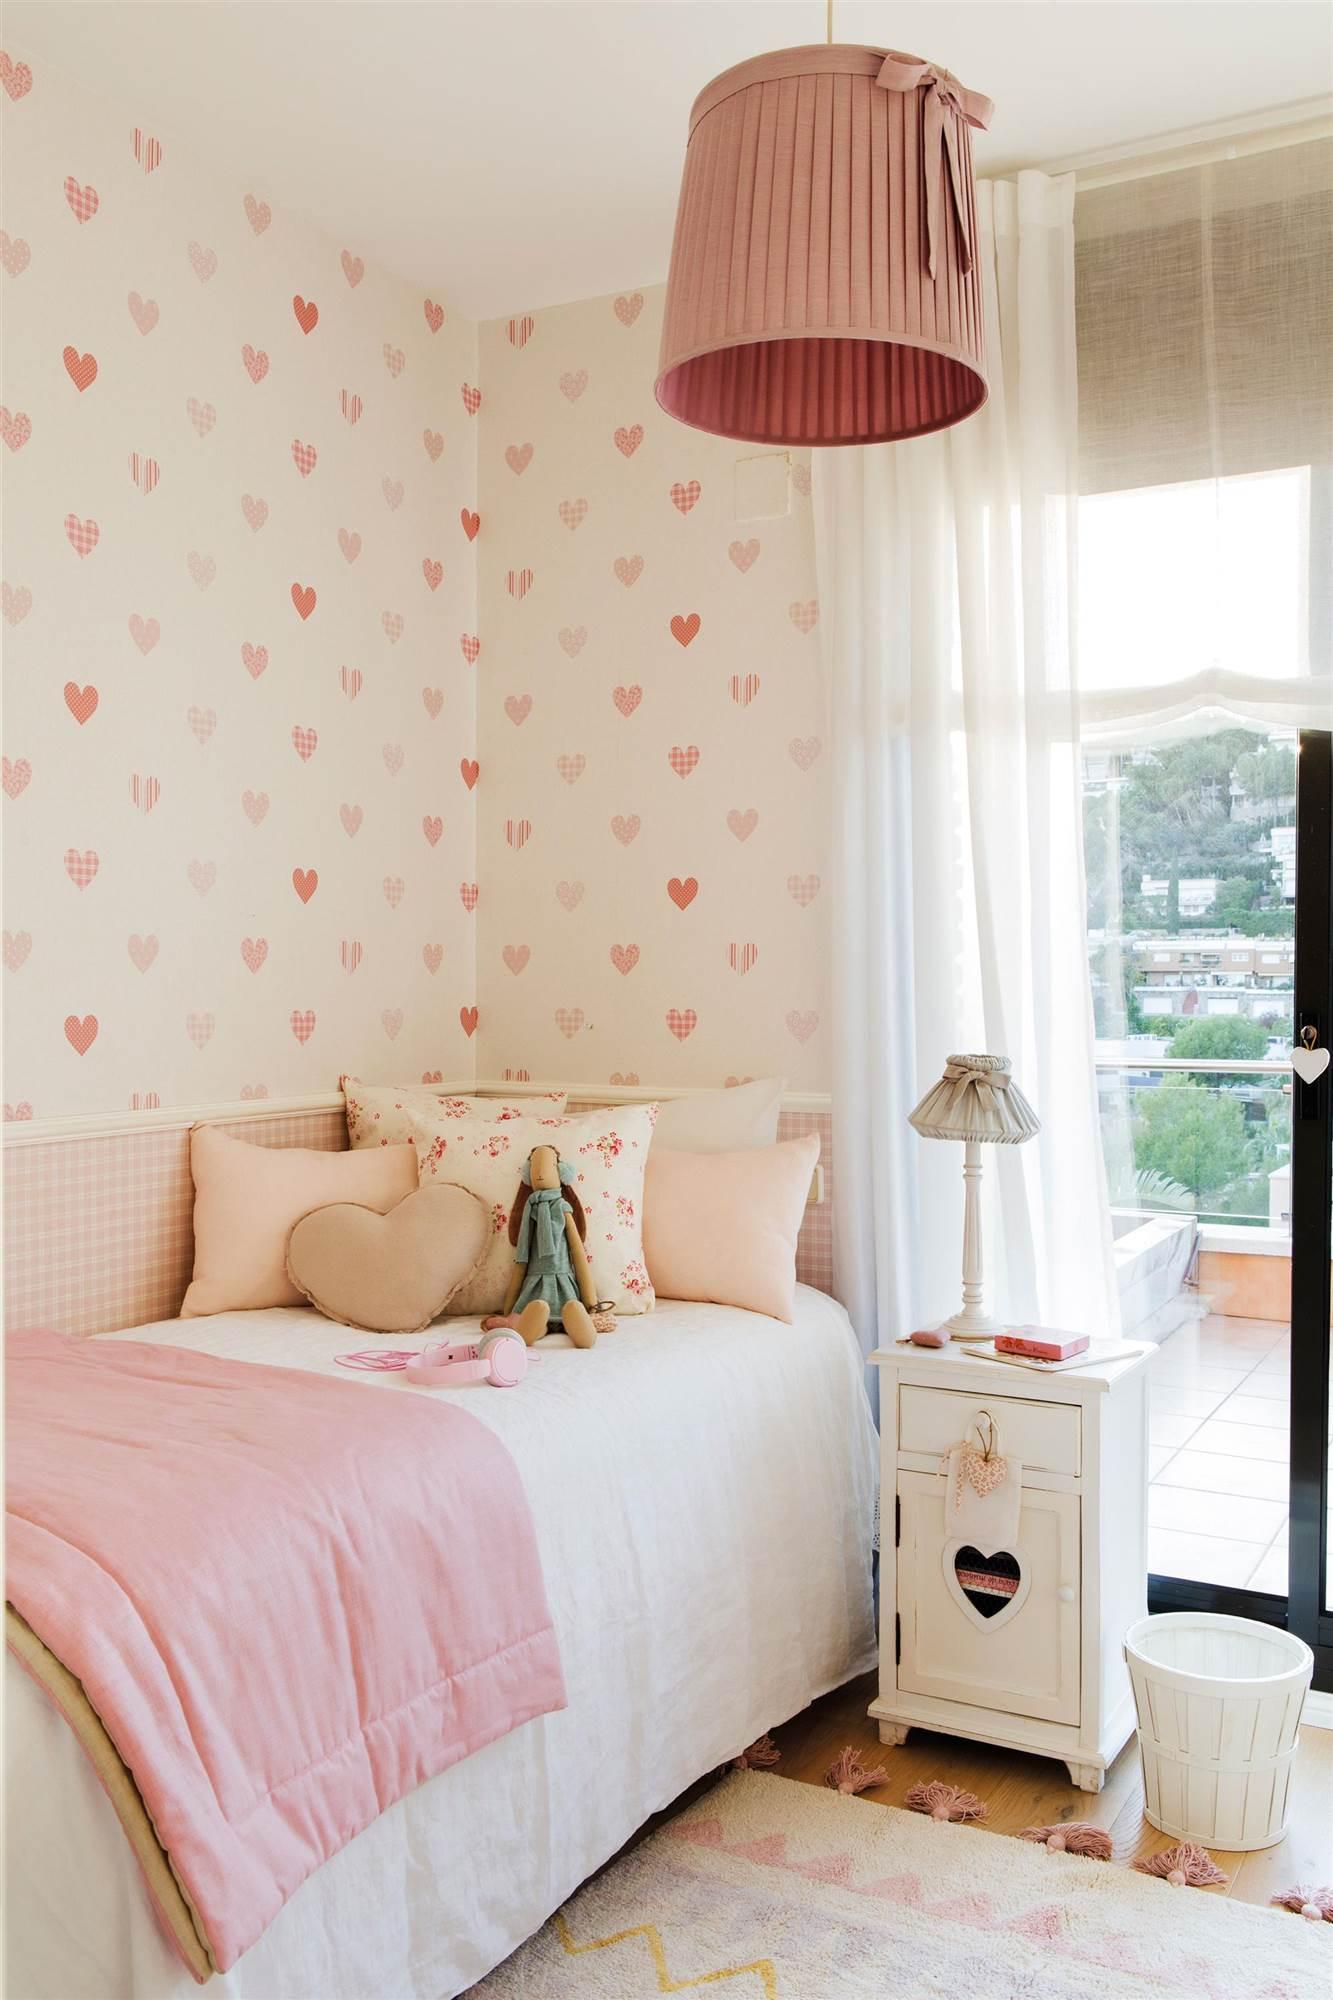 Papel pintado para cabeceros de cama cool fotografias for Cabeceros de cama con papel pintado